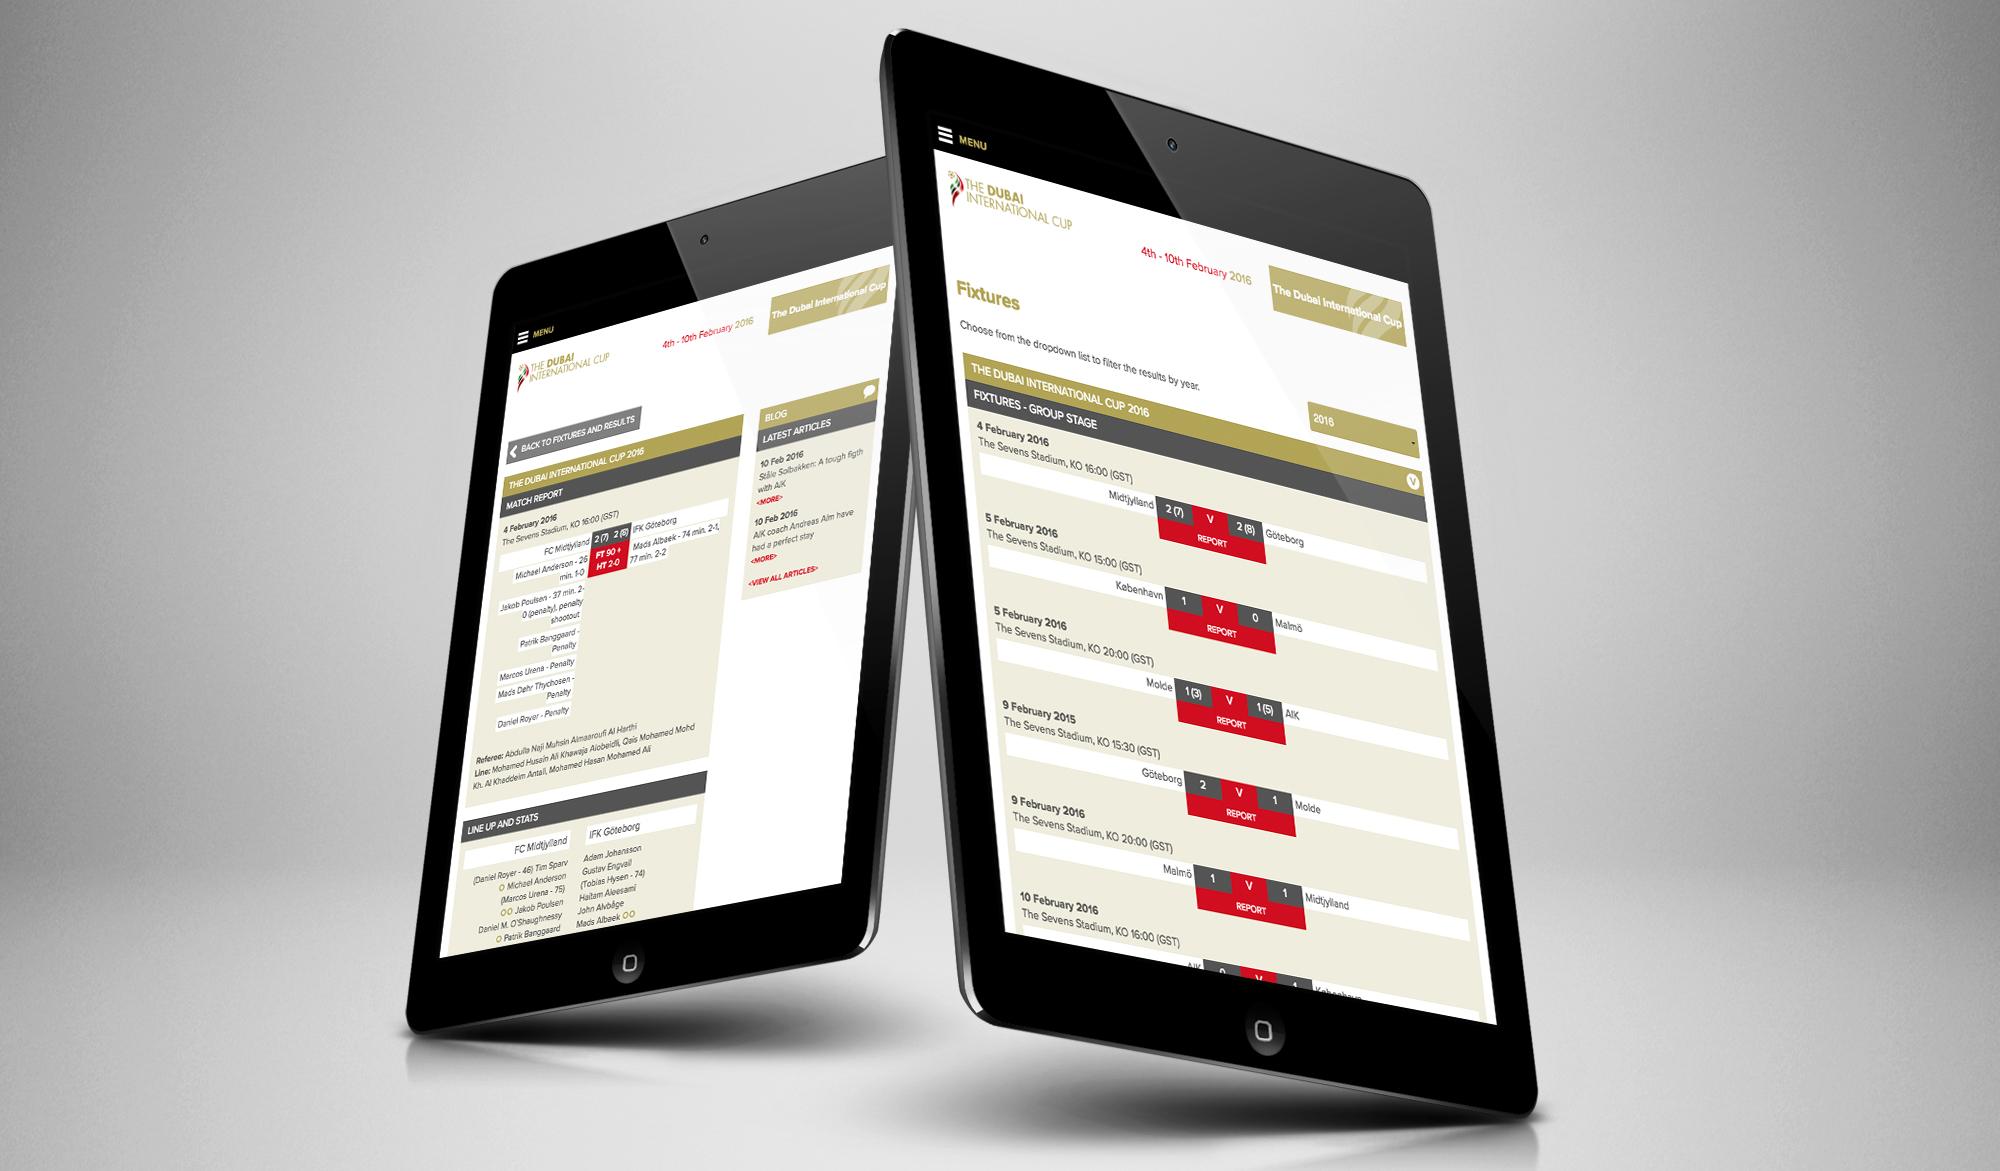 The Dubai International Cup tablet